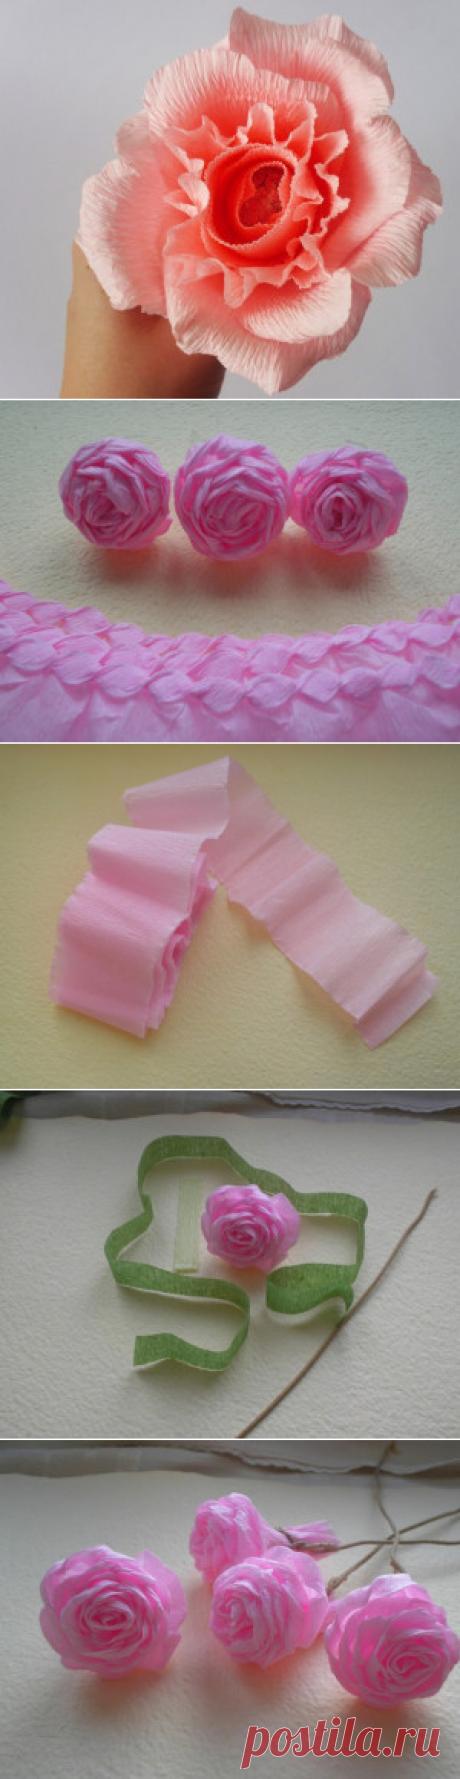 Розы из гофрированной бумаги пошагово. | ИЗ БУМАГИ СВОИМИ РУКАМИ